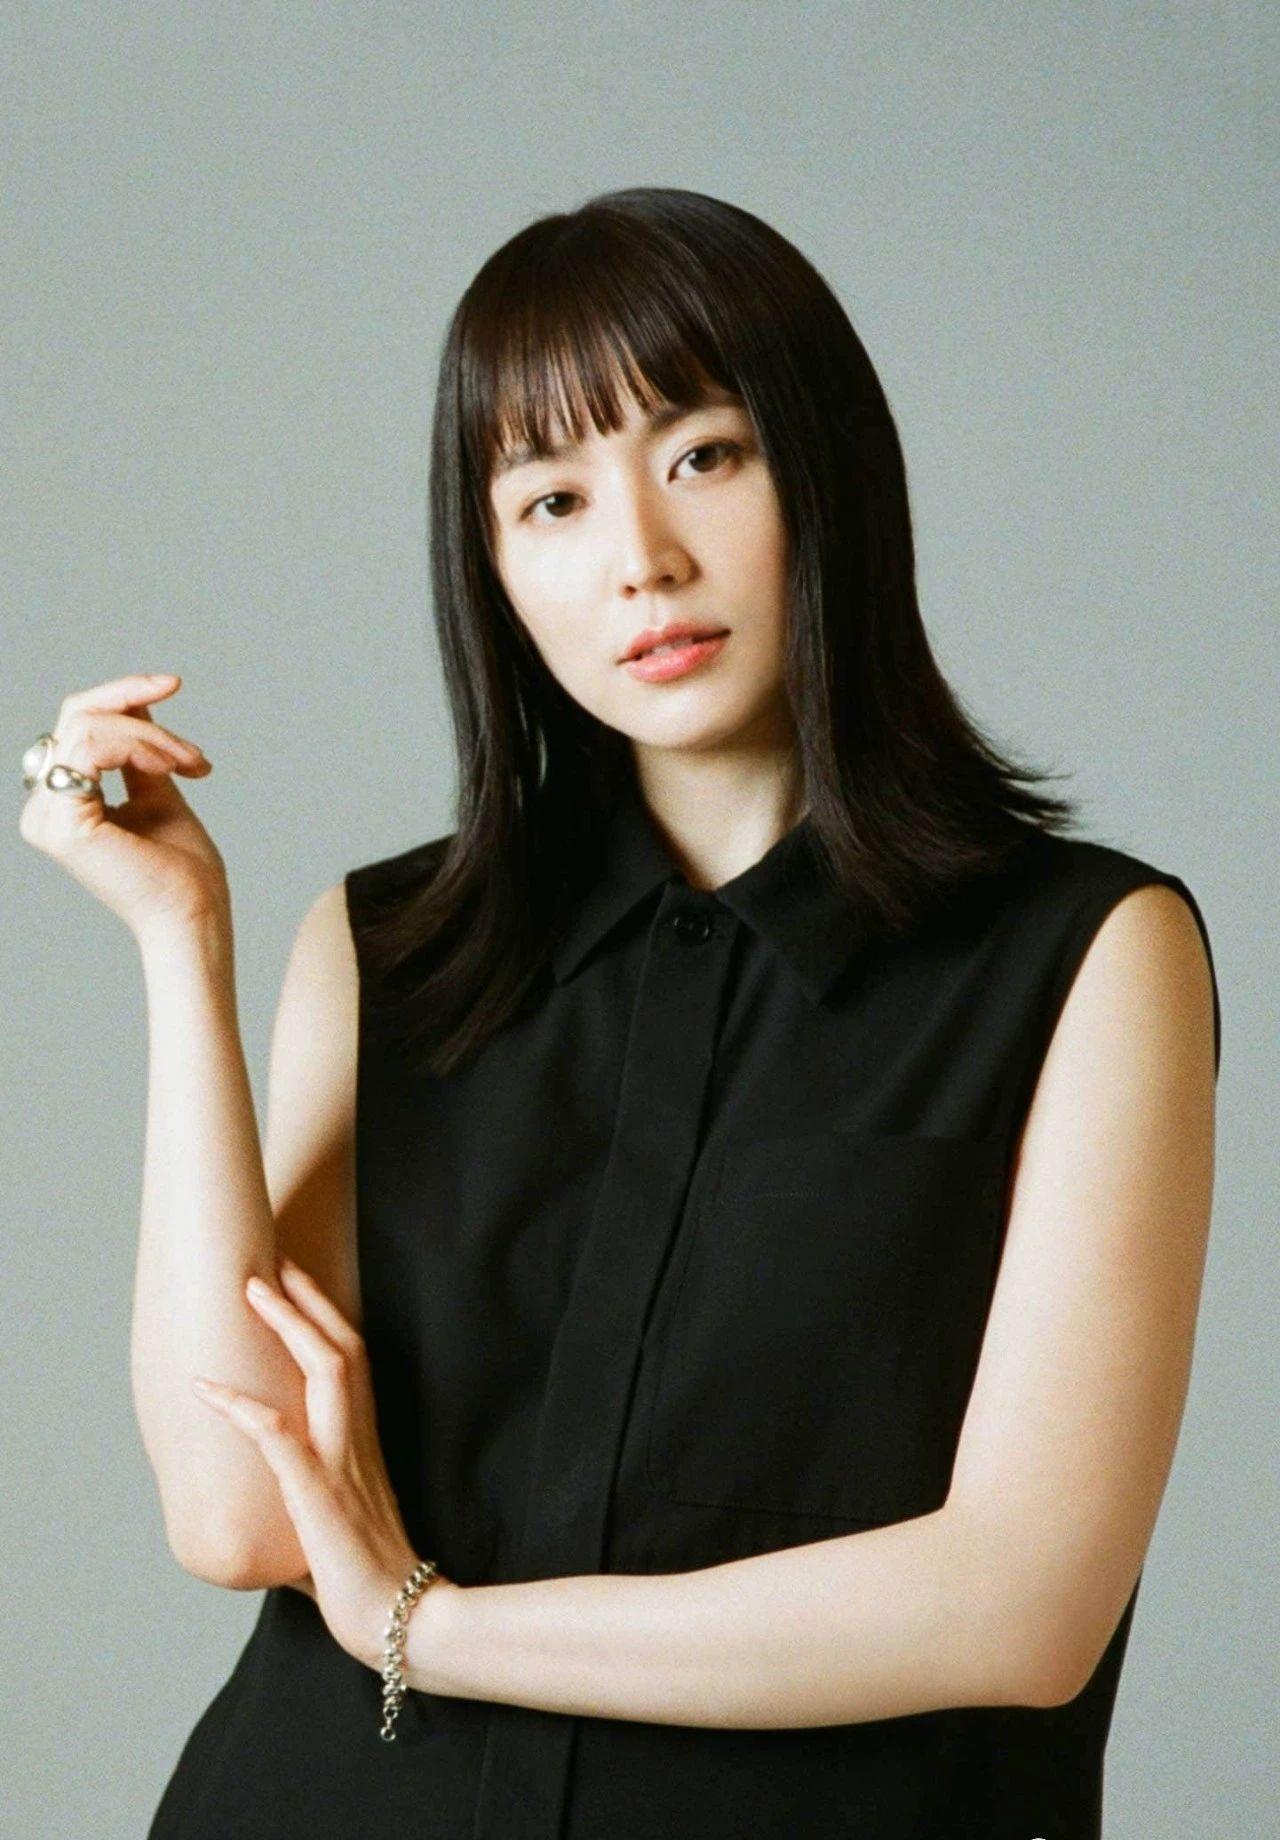 日本娱乐圈的都市传说室毅可以旺女人的感情运 (6)